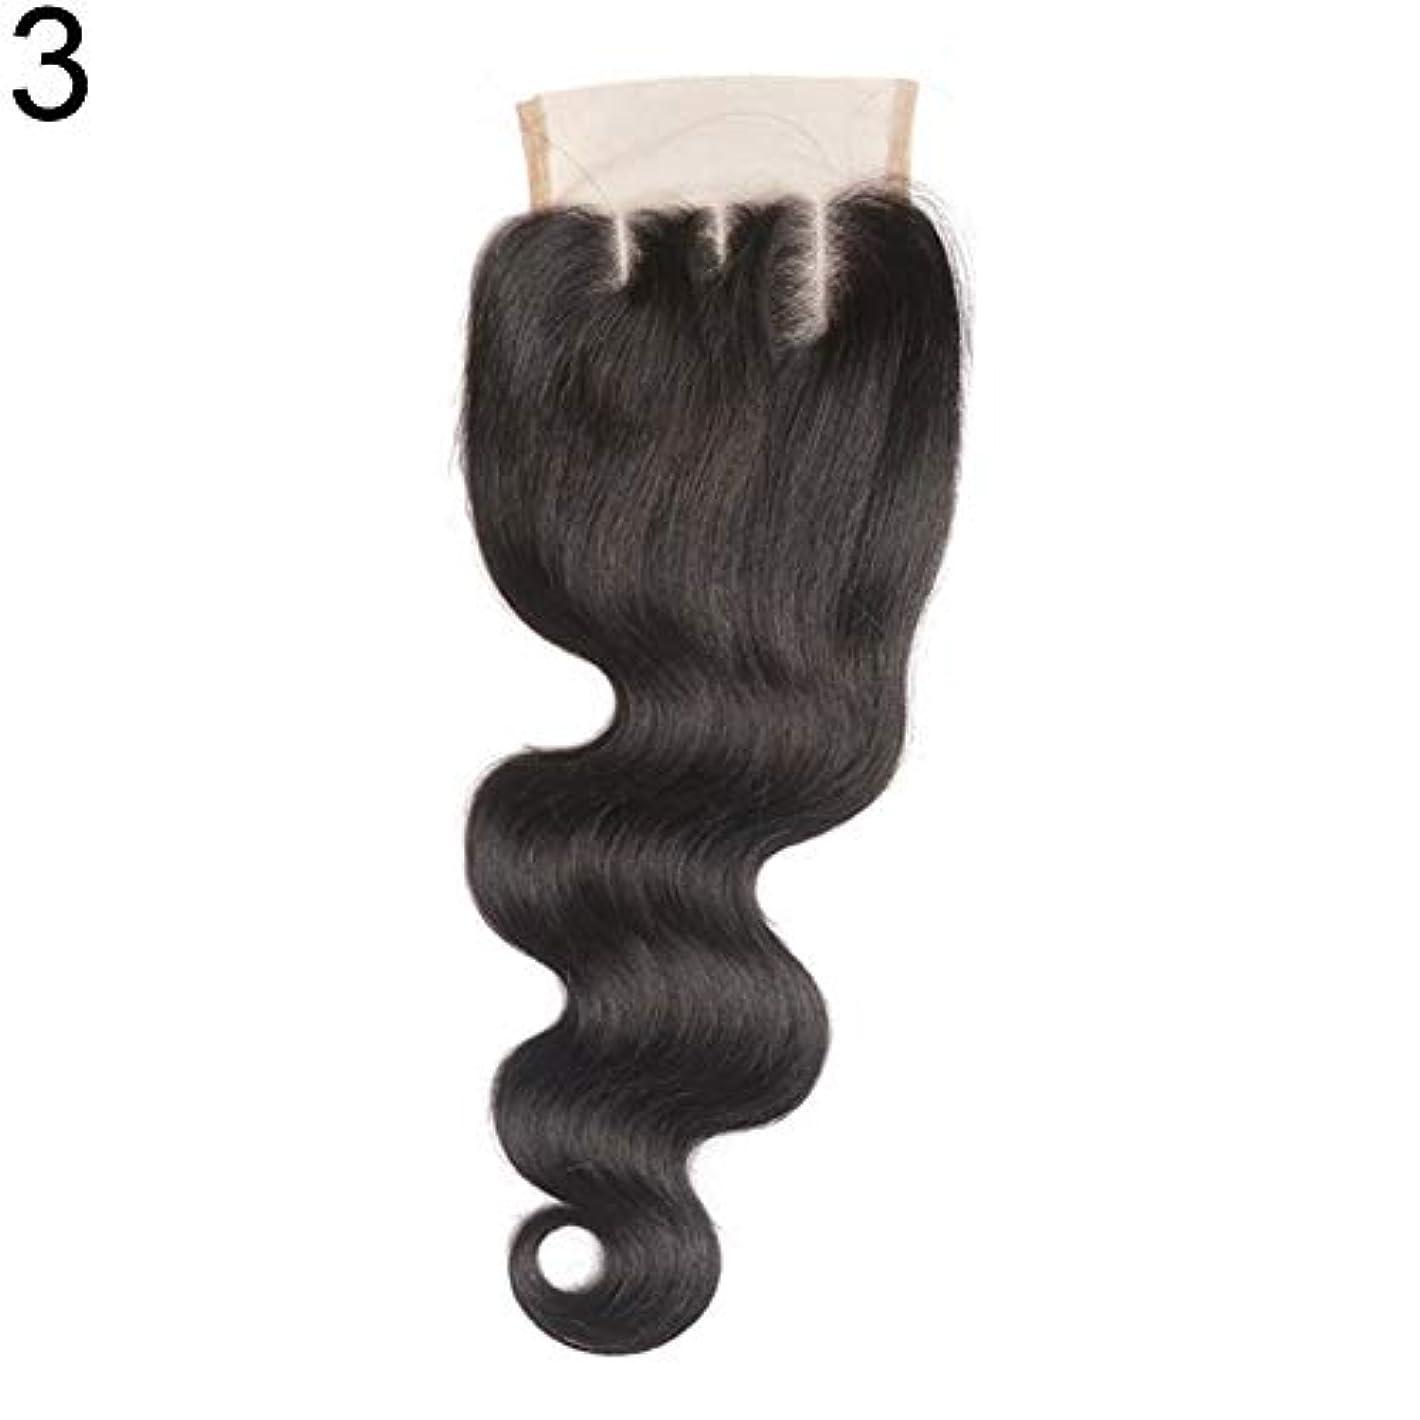 本質的に誤解キノコslQinjiansav女性ウィッグ修理ツールブラジルのミドル/フリー/3部人間の髪のレース閉鎖ウィッグ黒ヘアピース